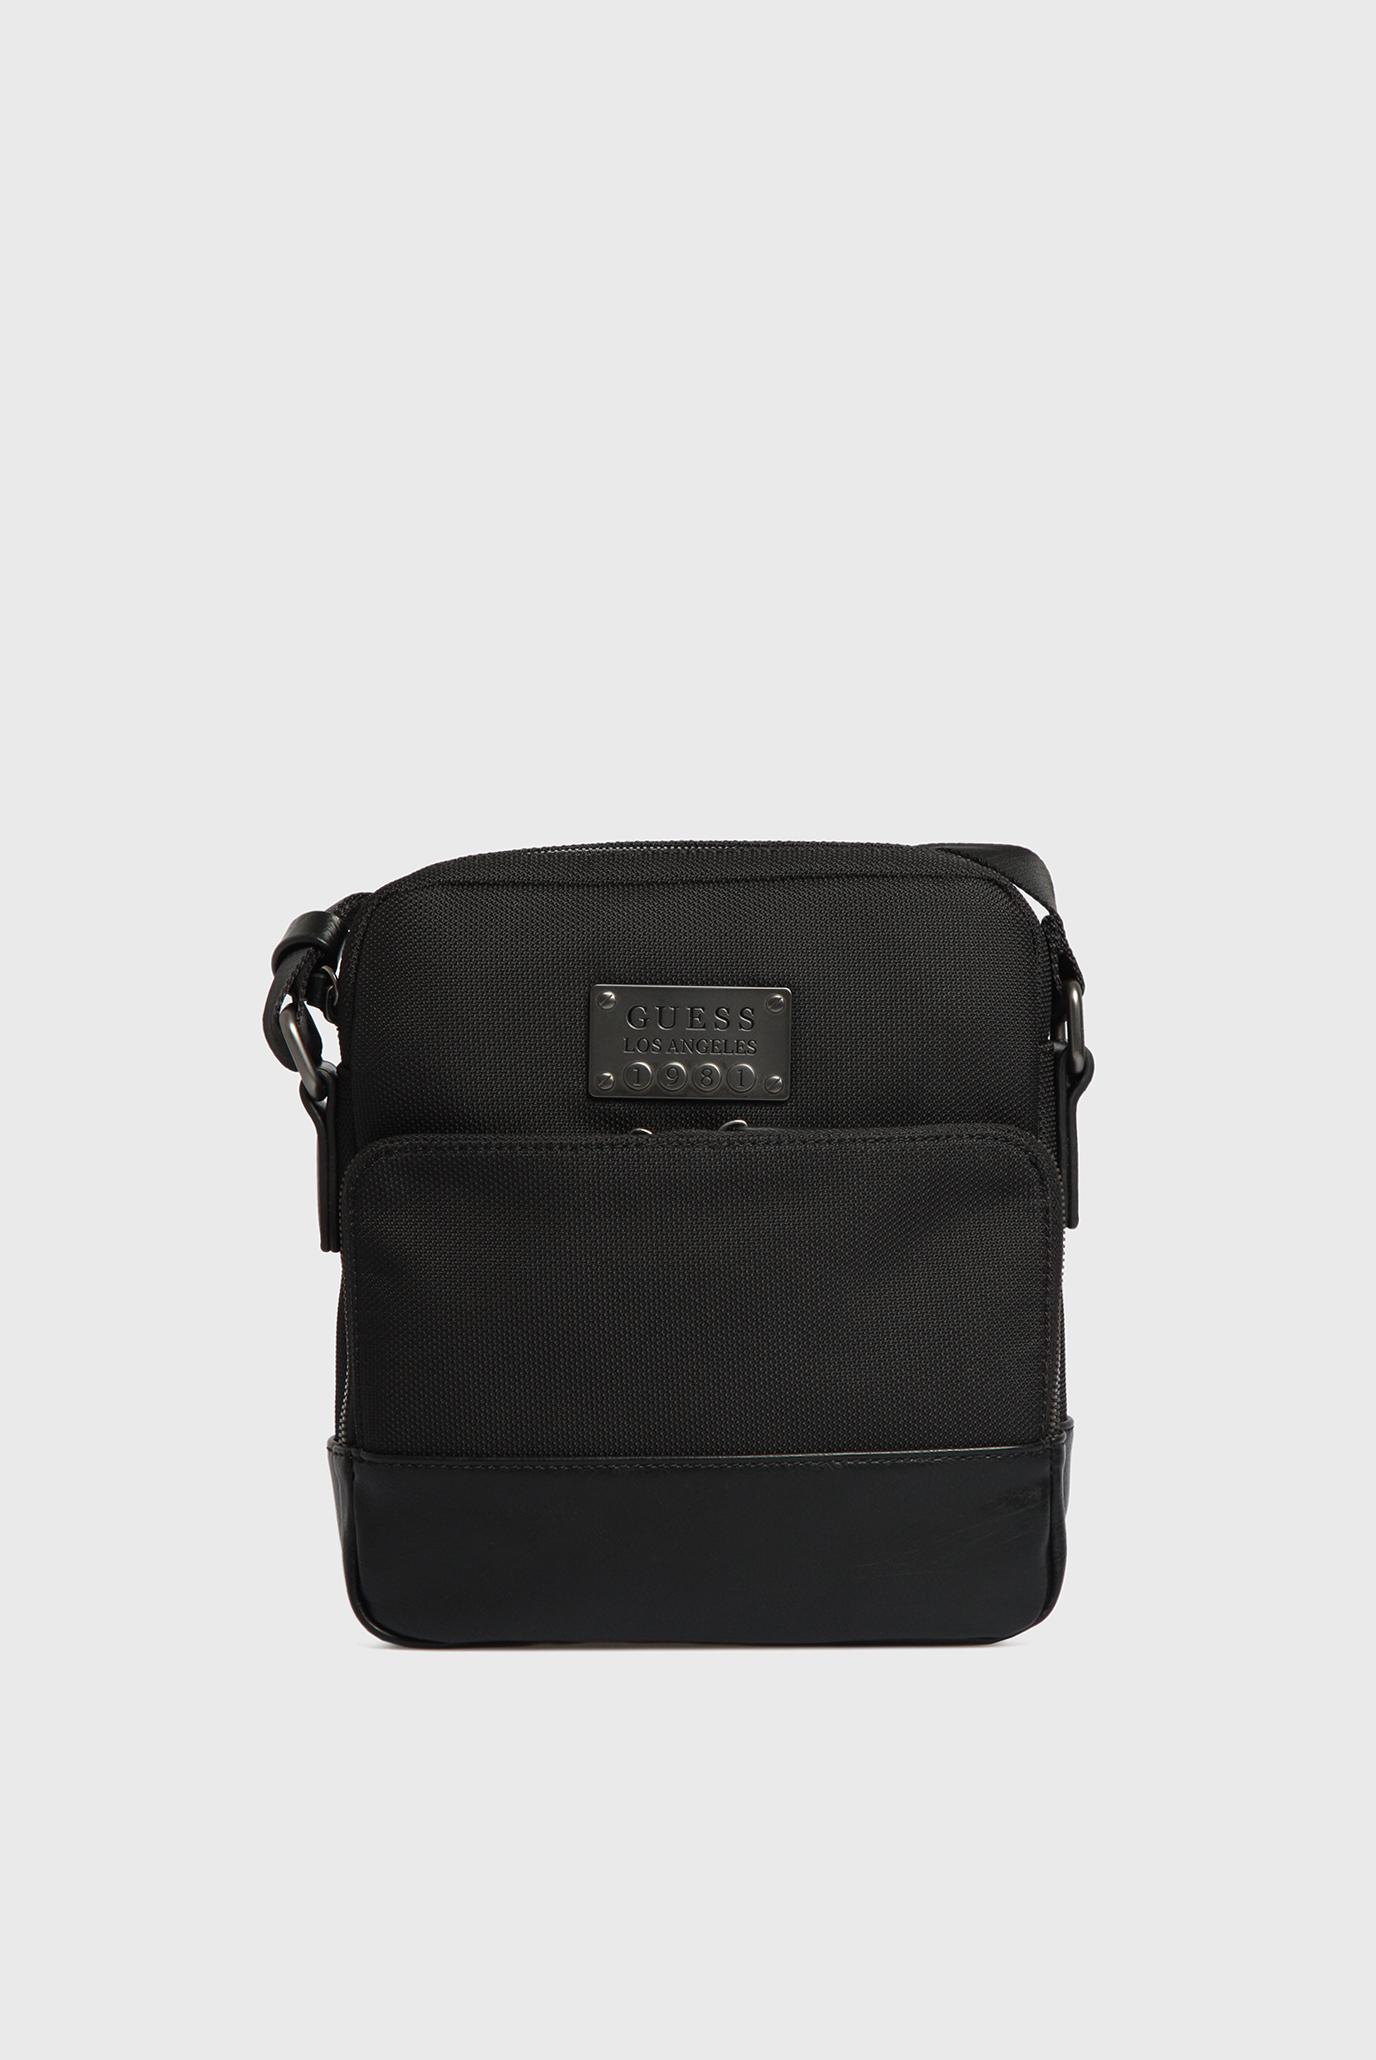 Купить Мужская черная сумка через плечо Guess Guess HM6134NYL73 – Киев adeebf809ff2e